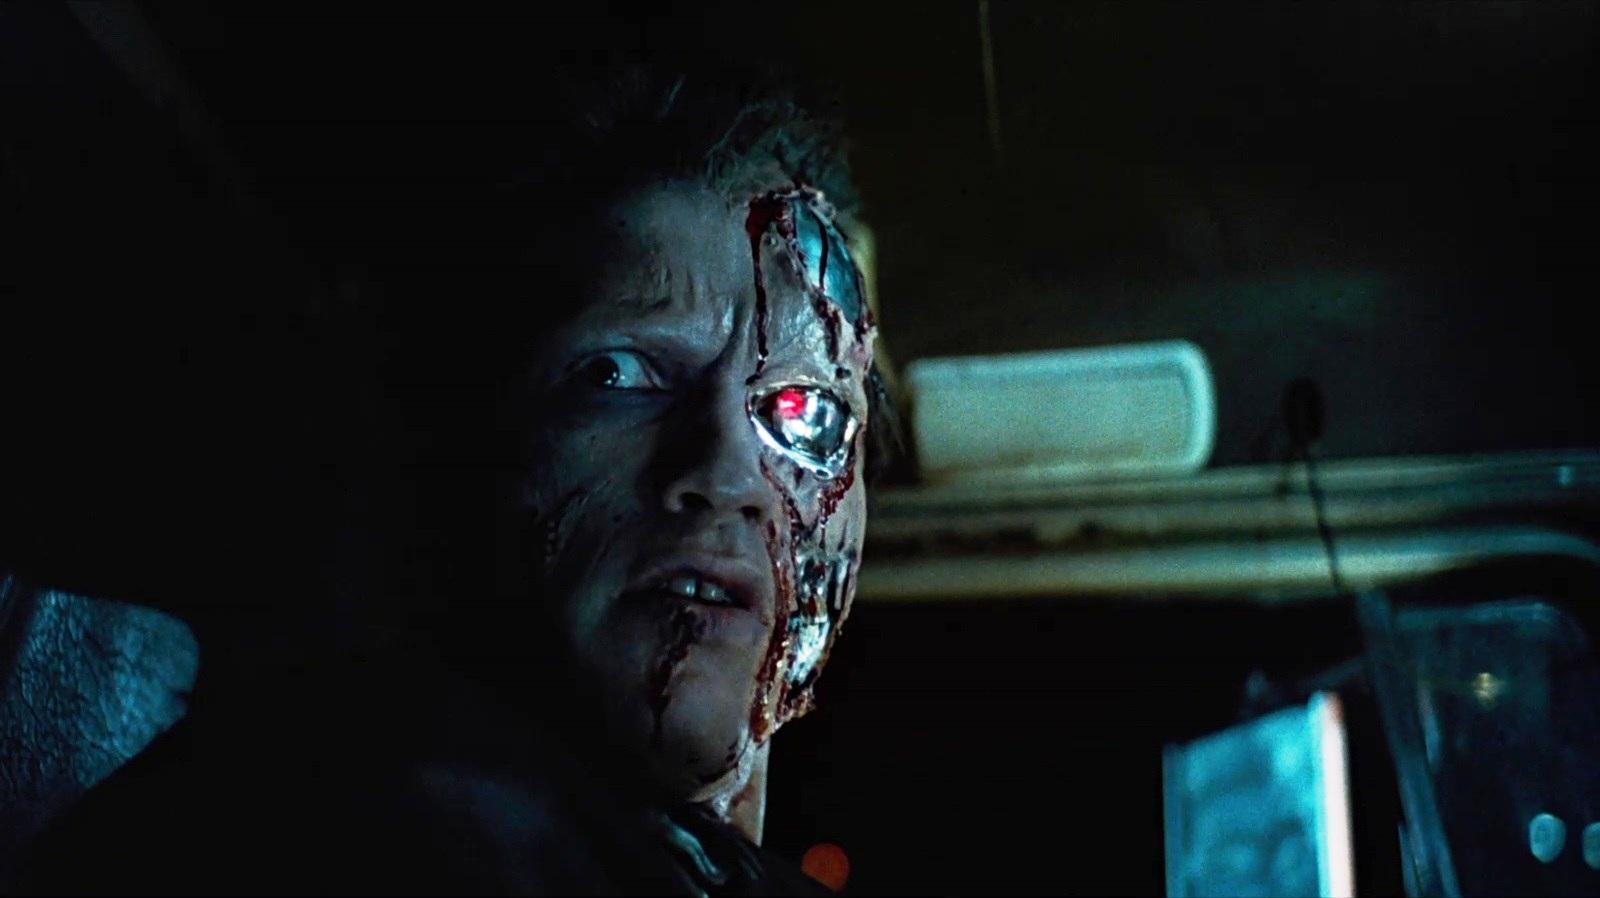 Terminator20